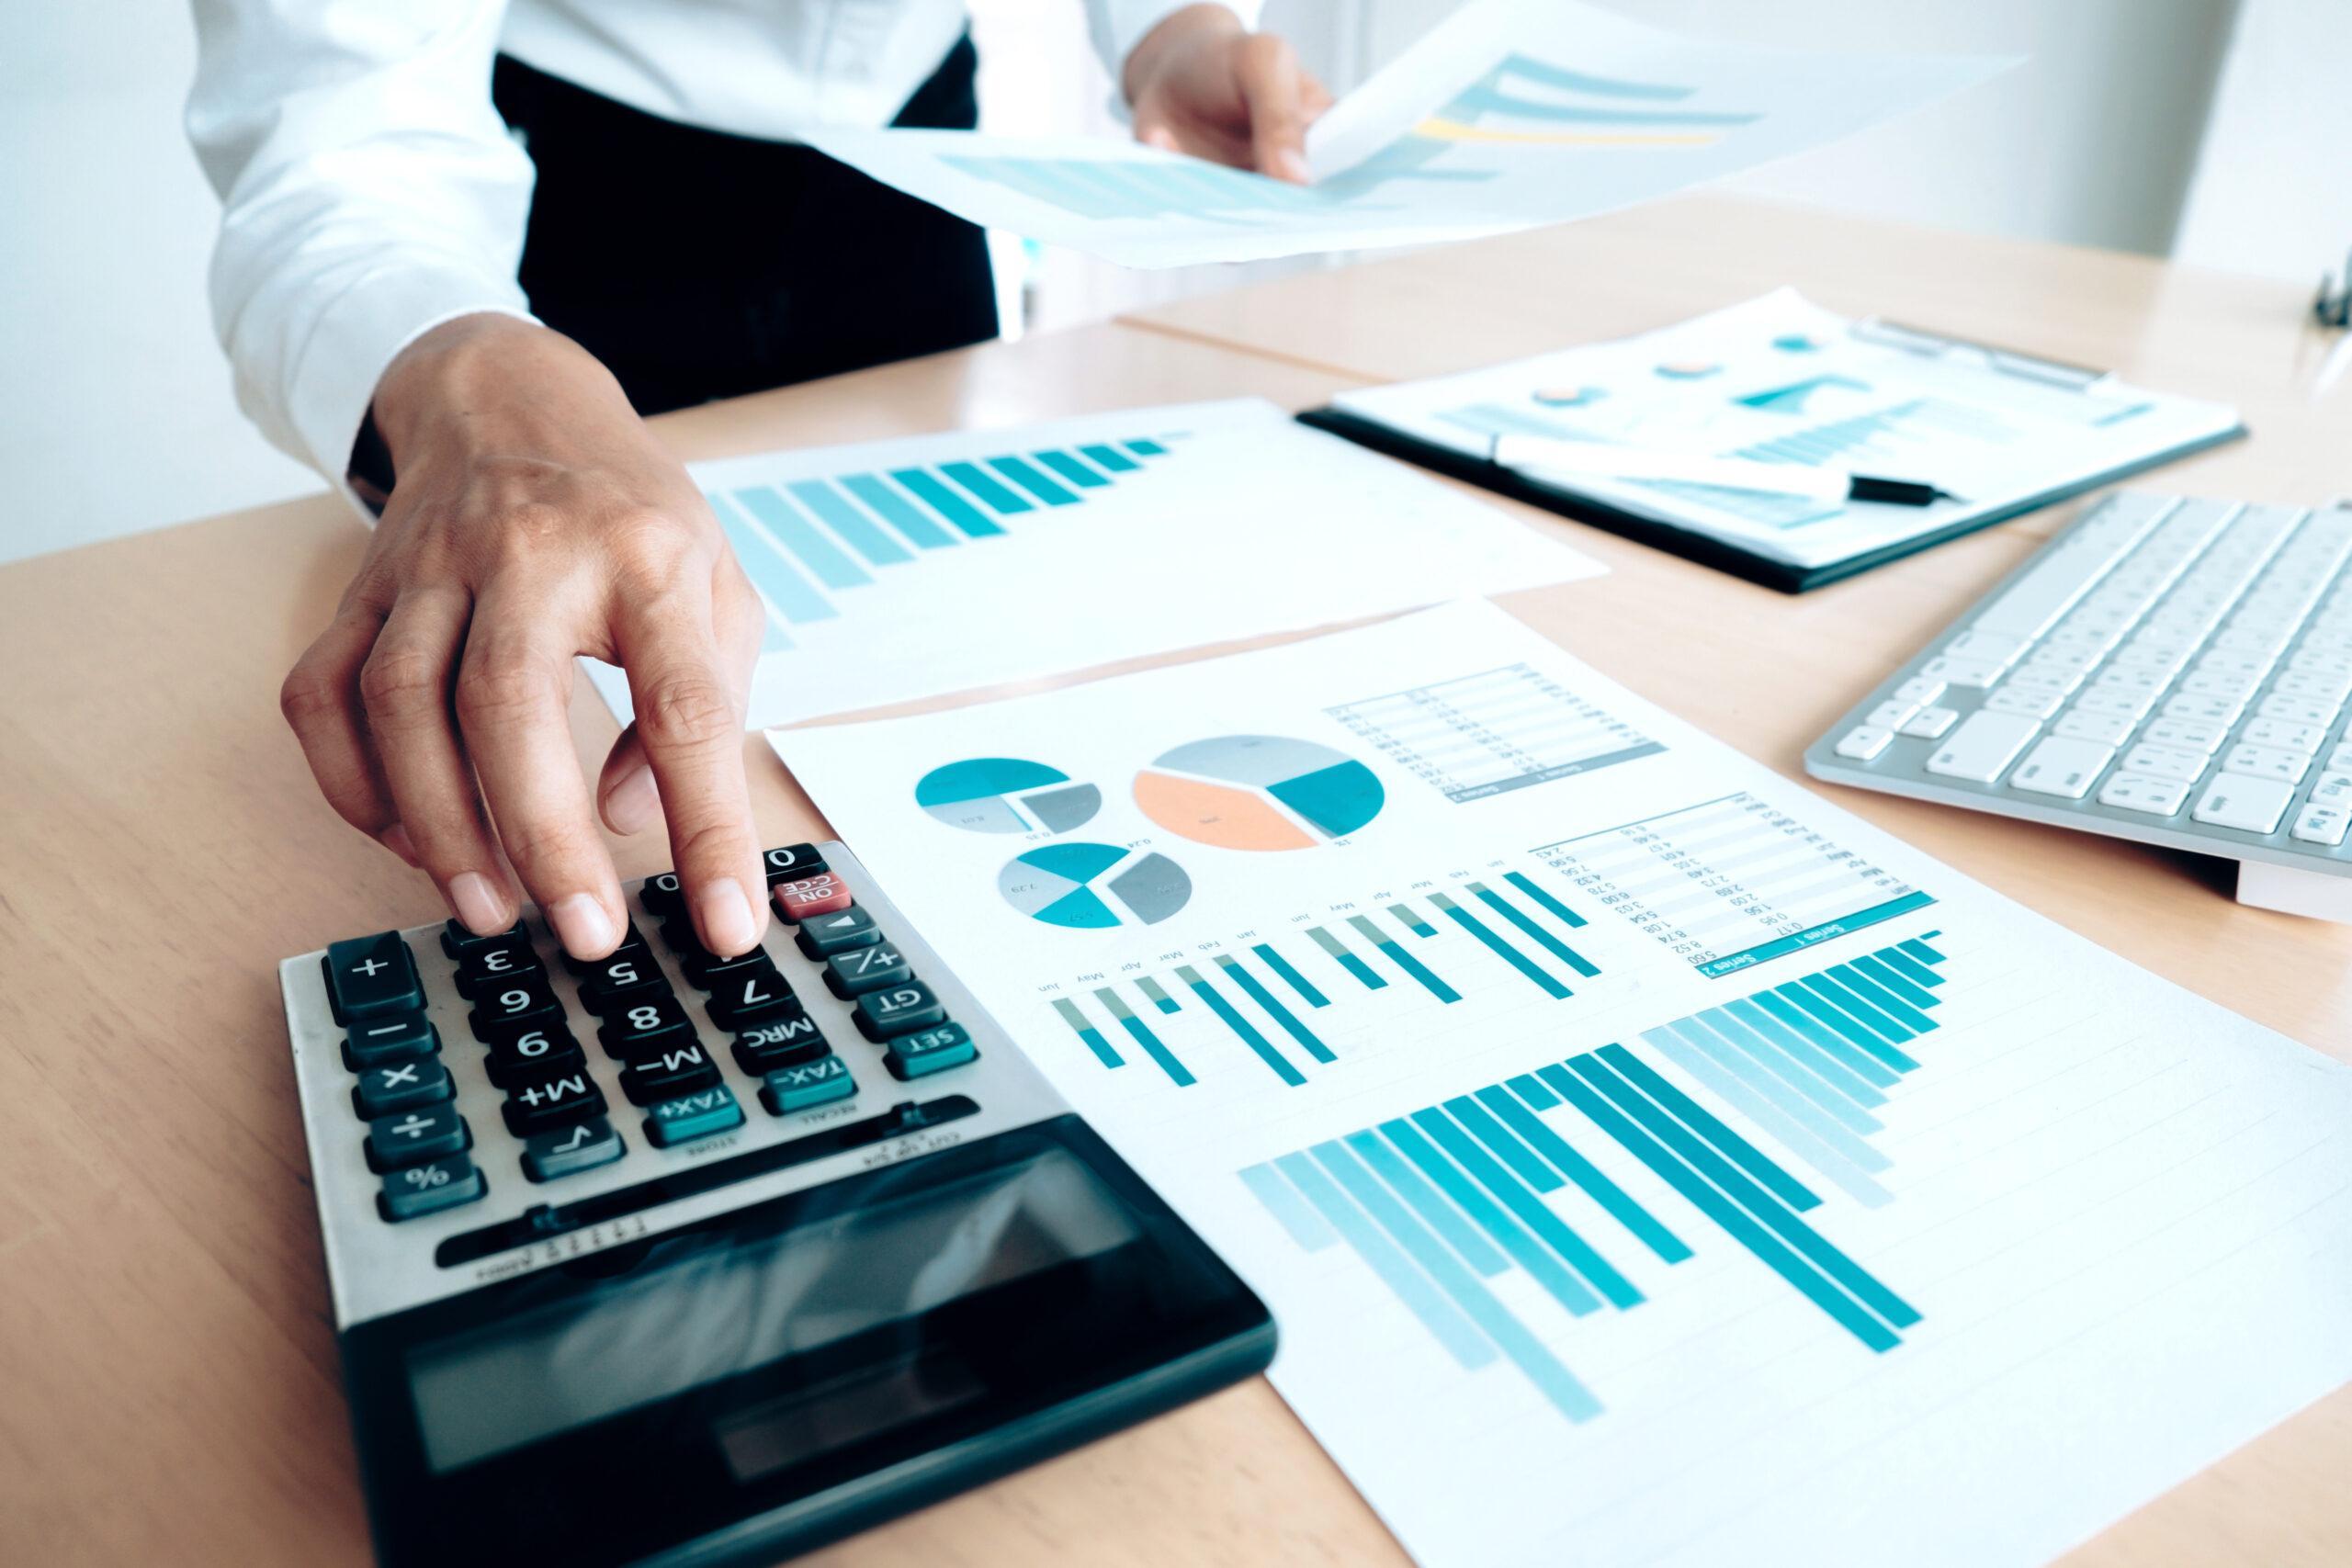 Uma mão fazendo uso de uma calculadora ao conta esquerdo da foto. Ao lado da calculadora, papéis com gráficos em barras e pizza coloridas